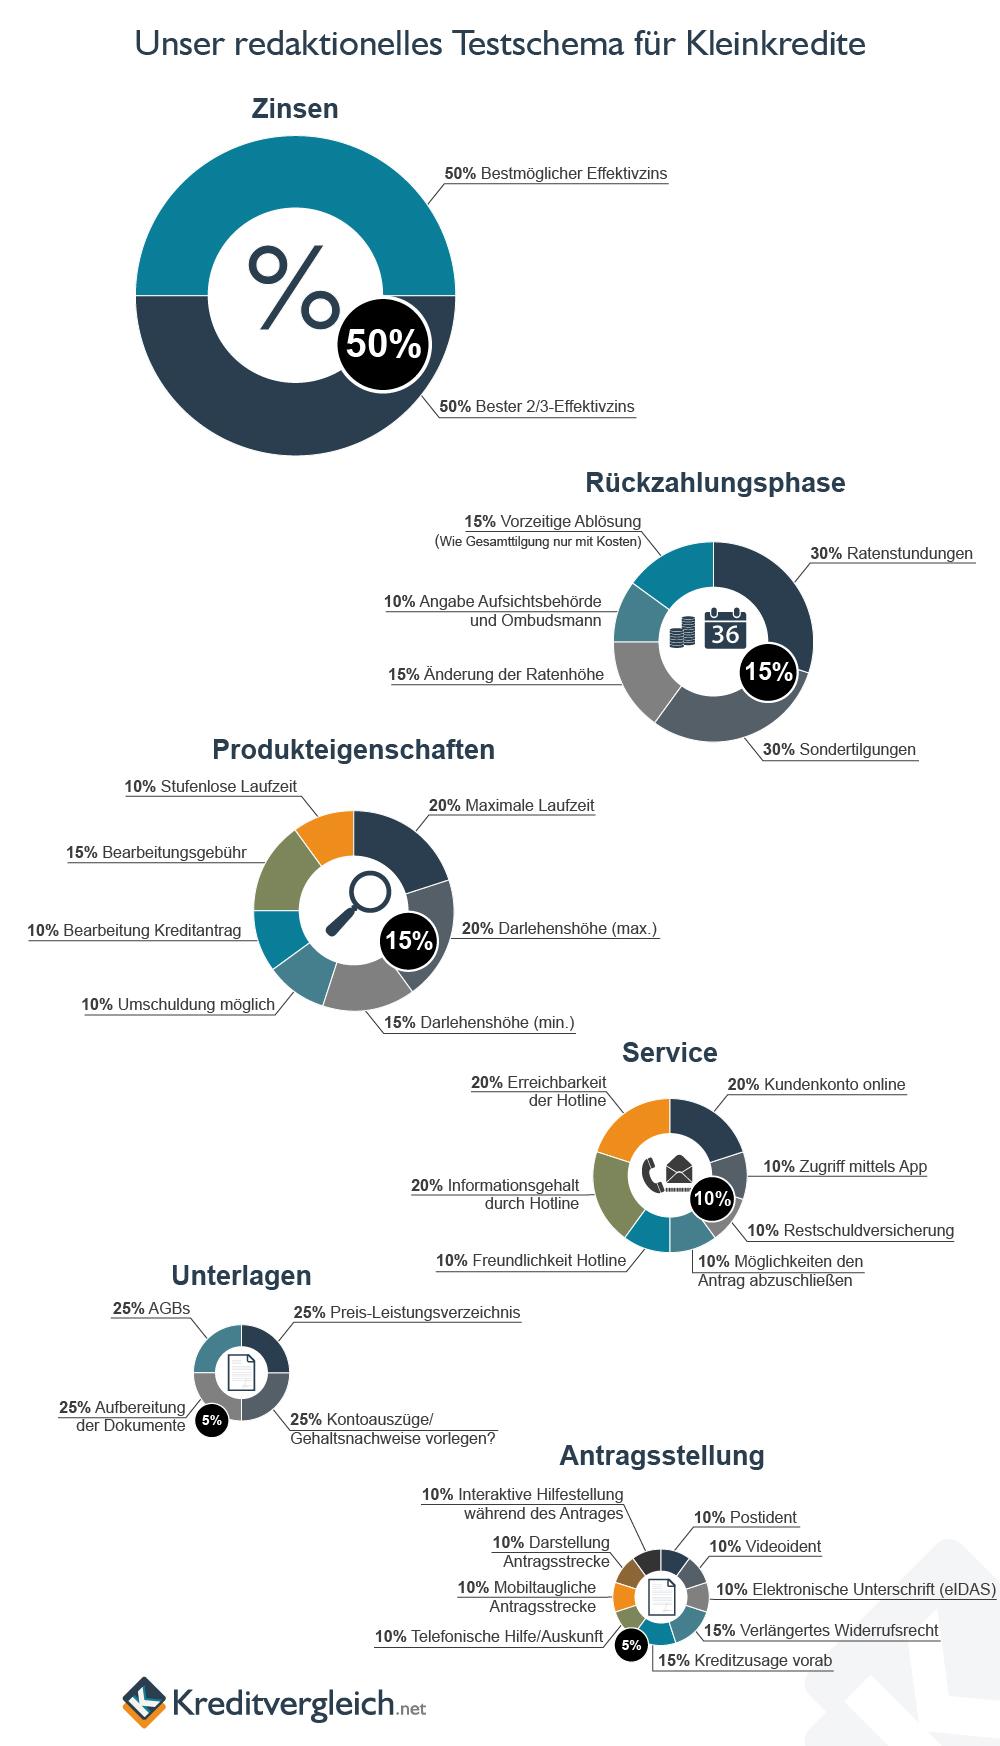 Eine Infografik mit Kreisdiagrammen über unser redaktionelles Testschema für Kleinkredite